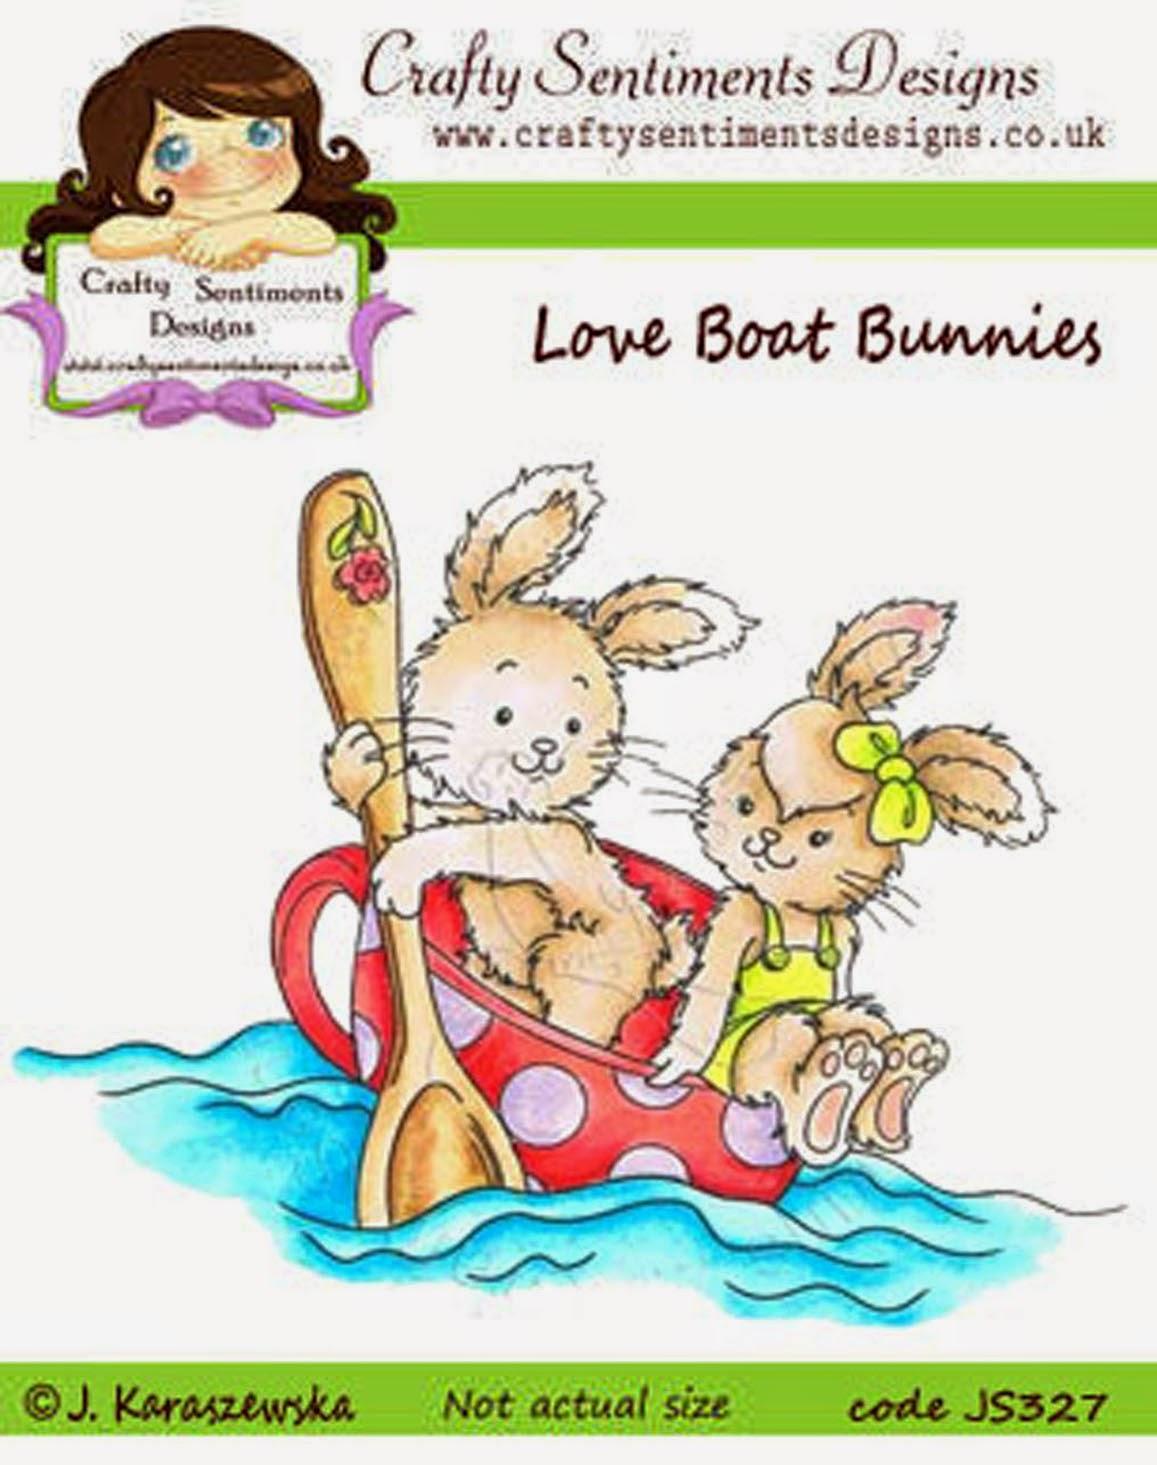 http://3.bp.blogspot.com/-dfboPqaCFBU/U-jJXz2TFKI/AAAAAAAAZqA/kPSGcdJOViA/s1600/Love+Boat+Bunnies.jpg